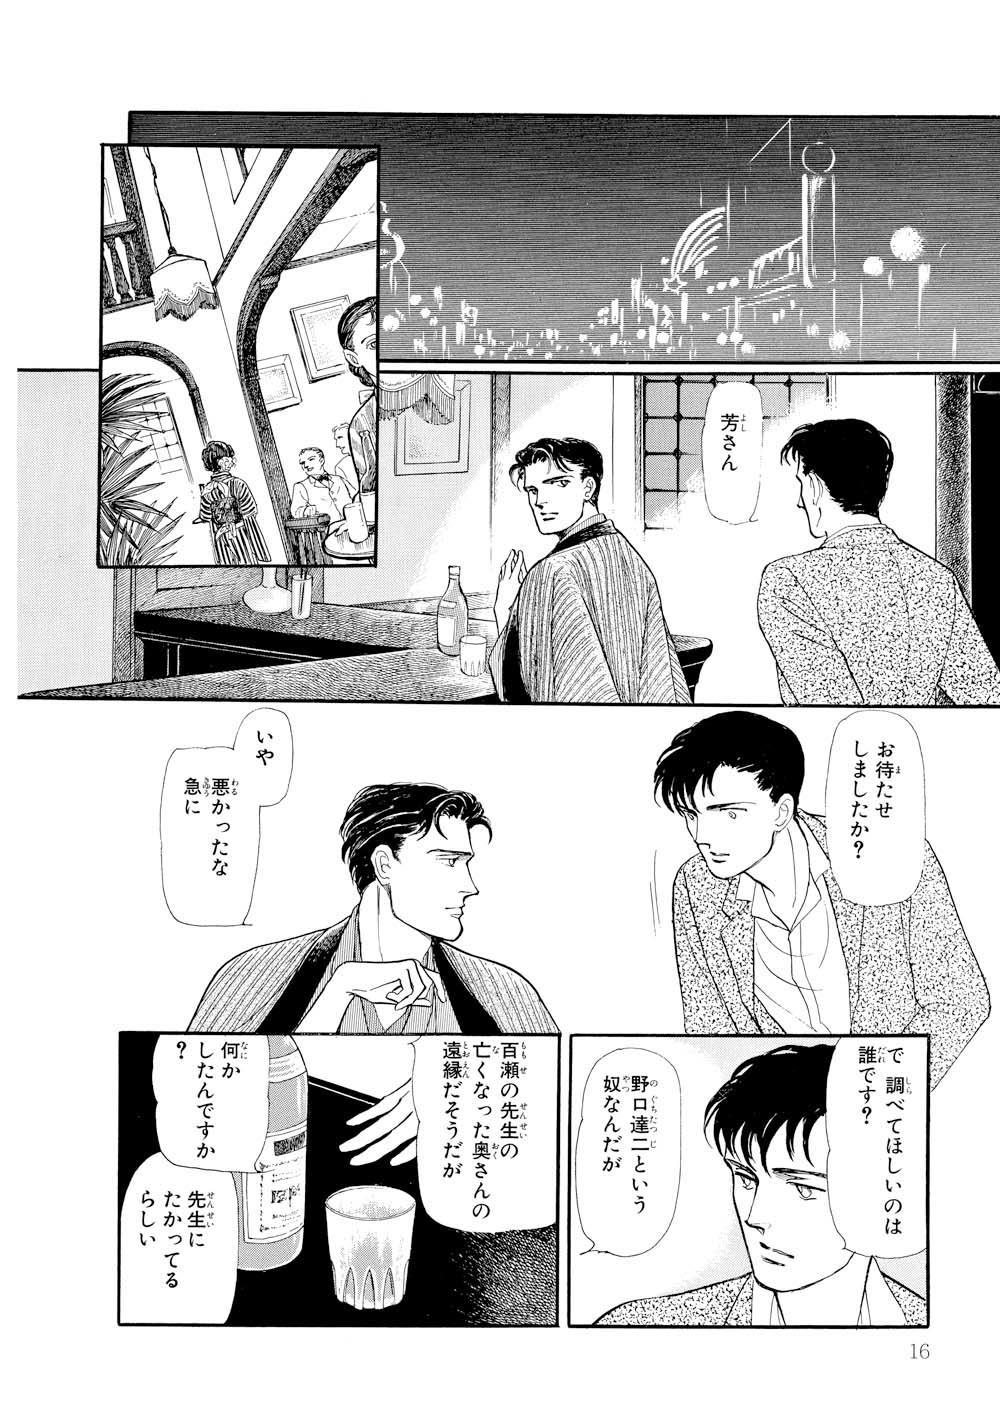 波津彬子03_016.jpg